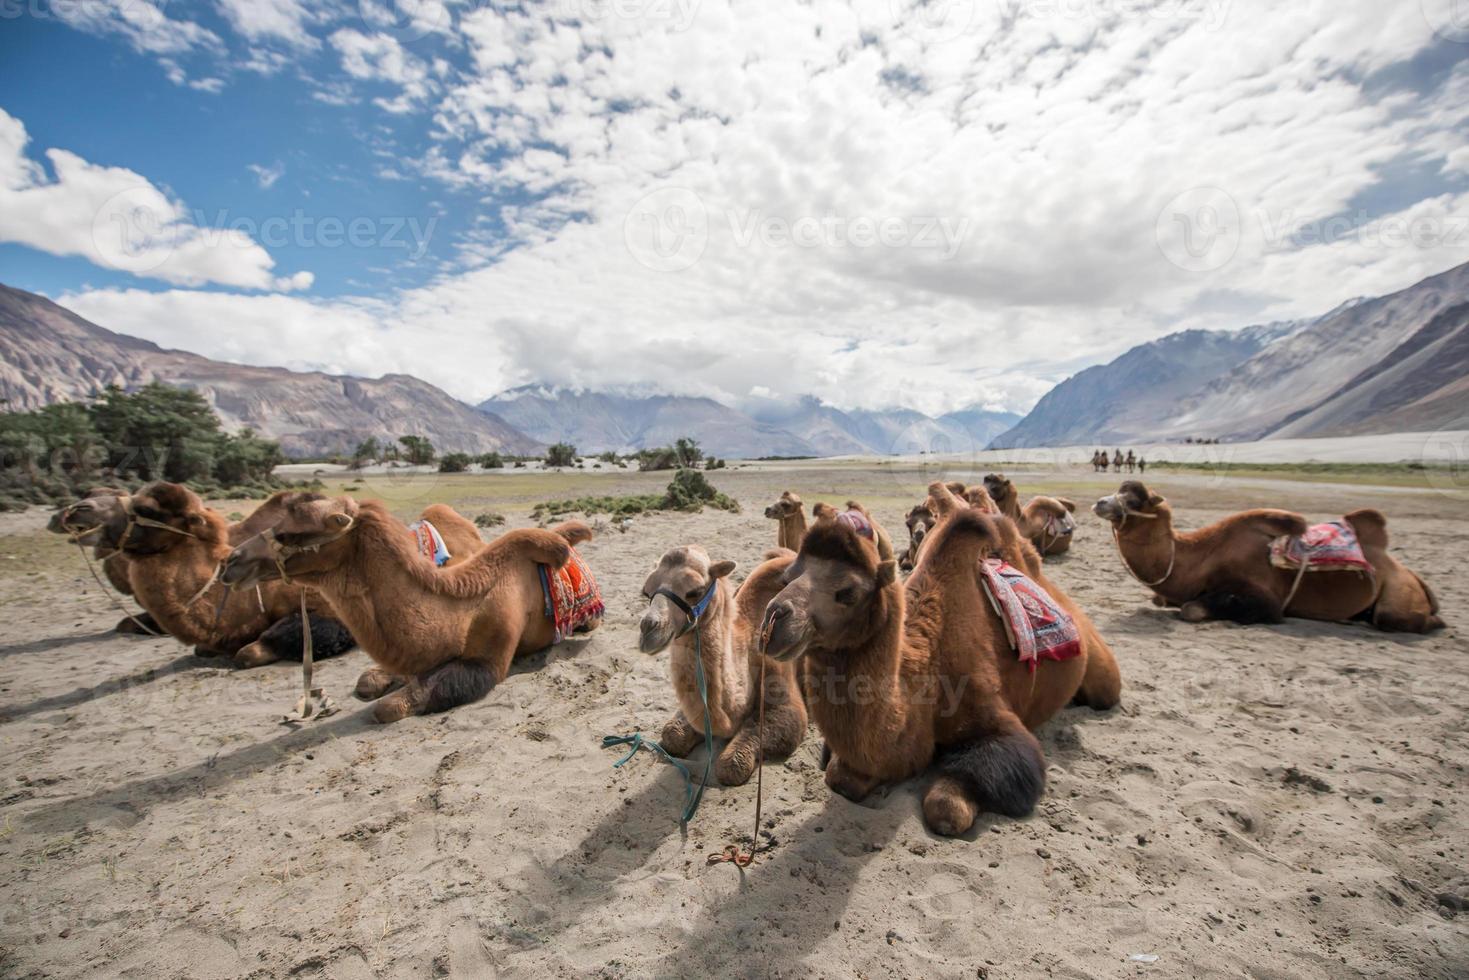 camellos en el desierto foto